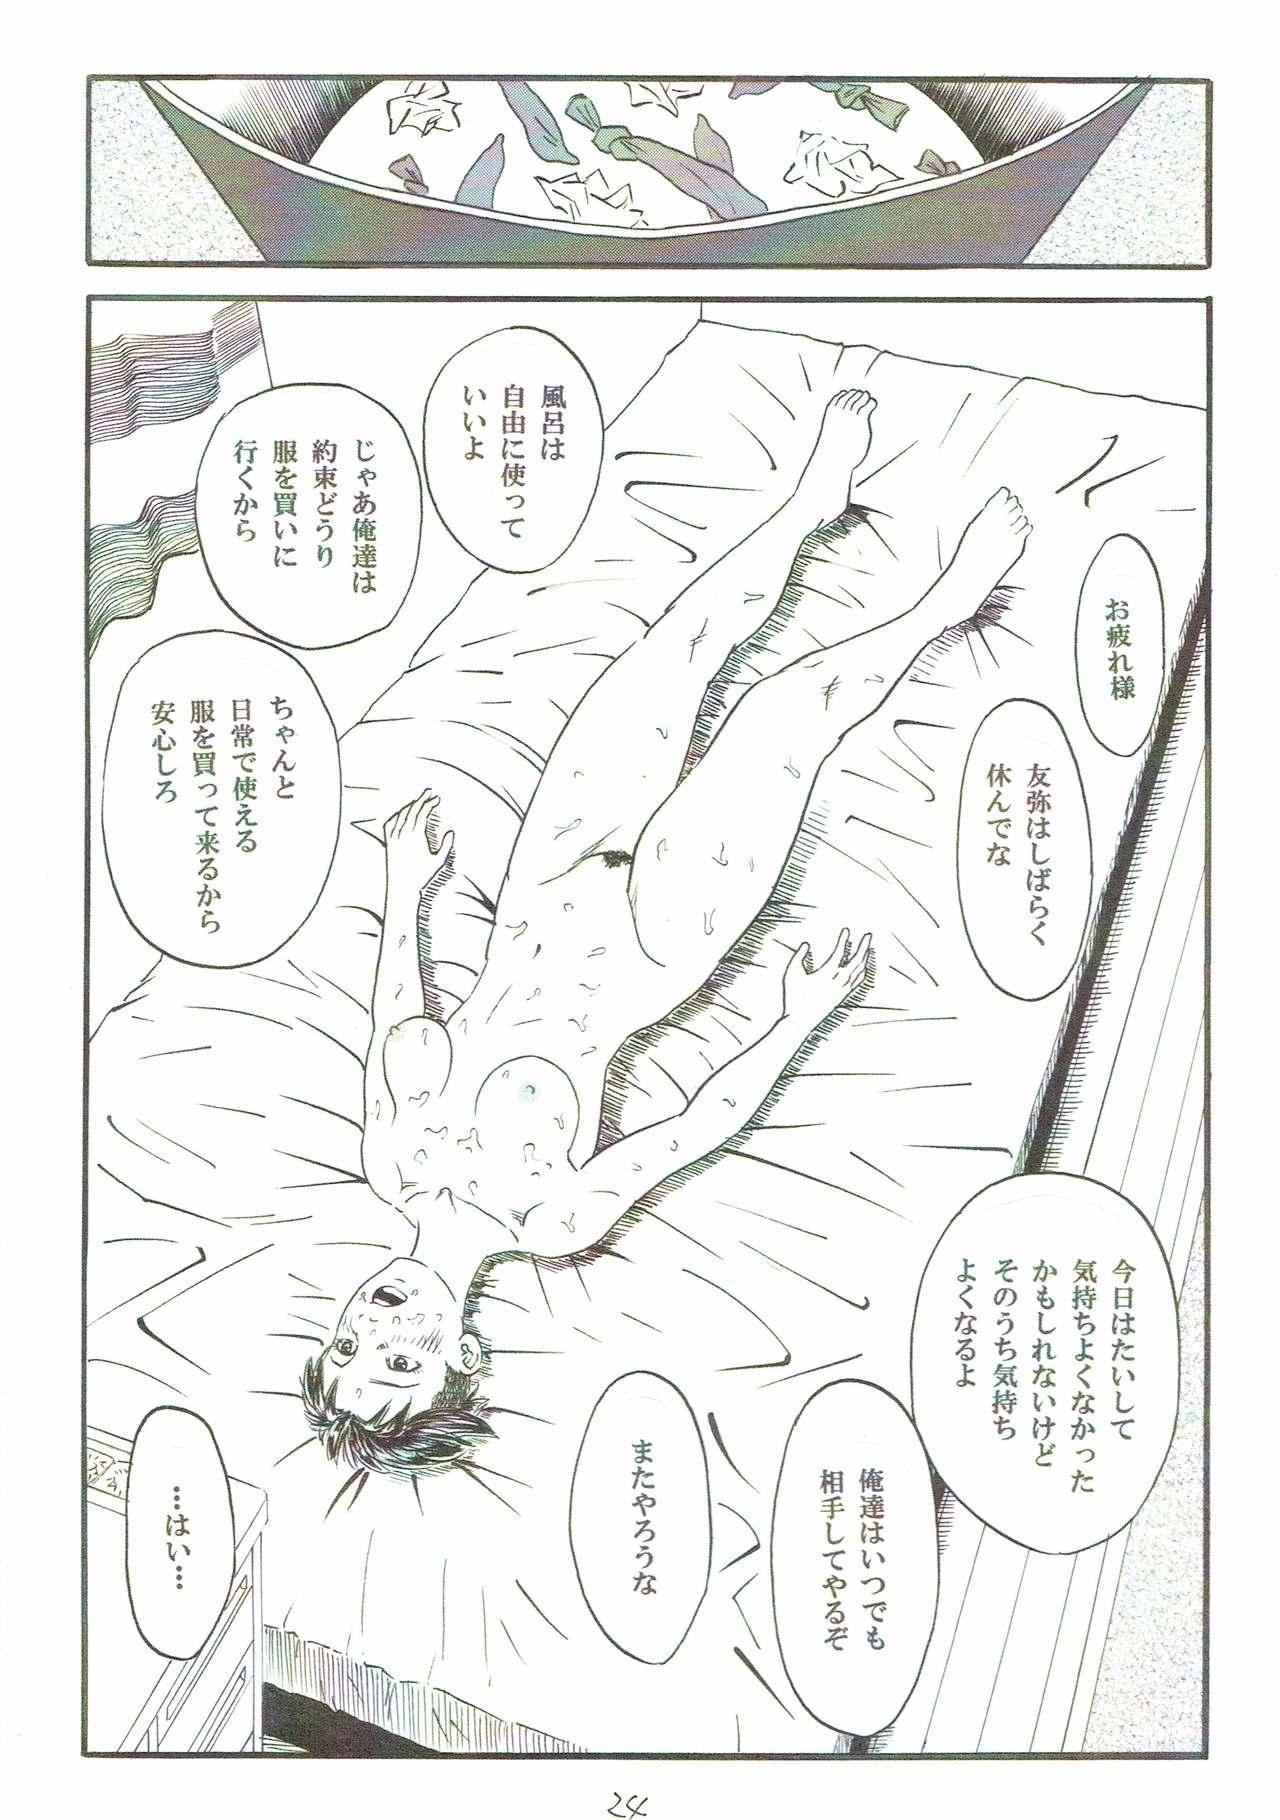 Atarashii Seikyouiku5 24